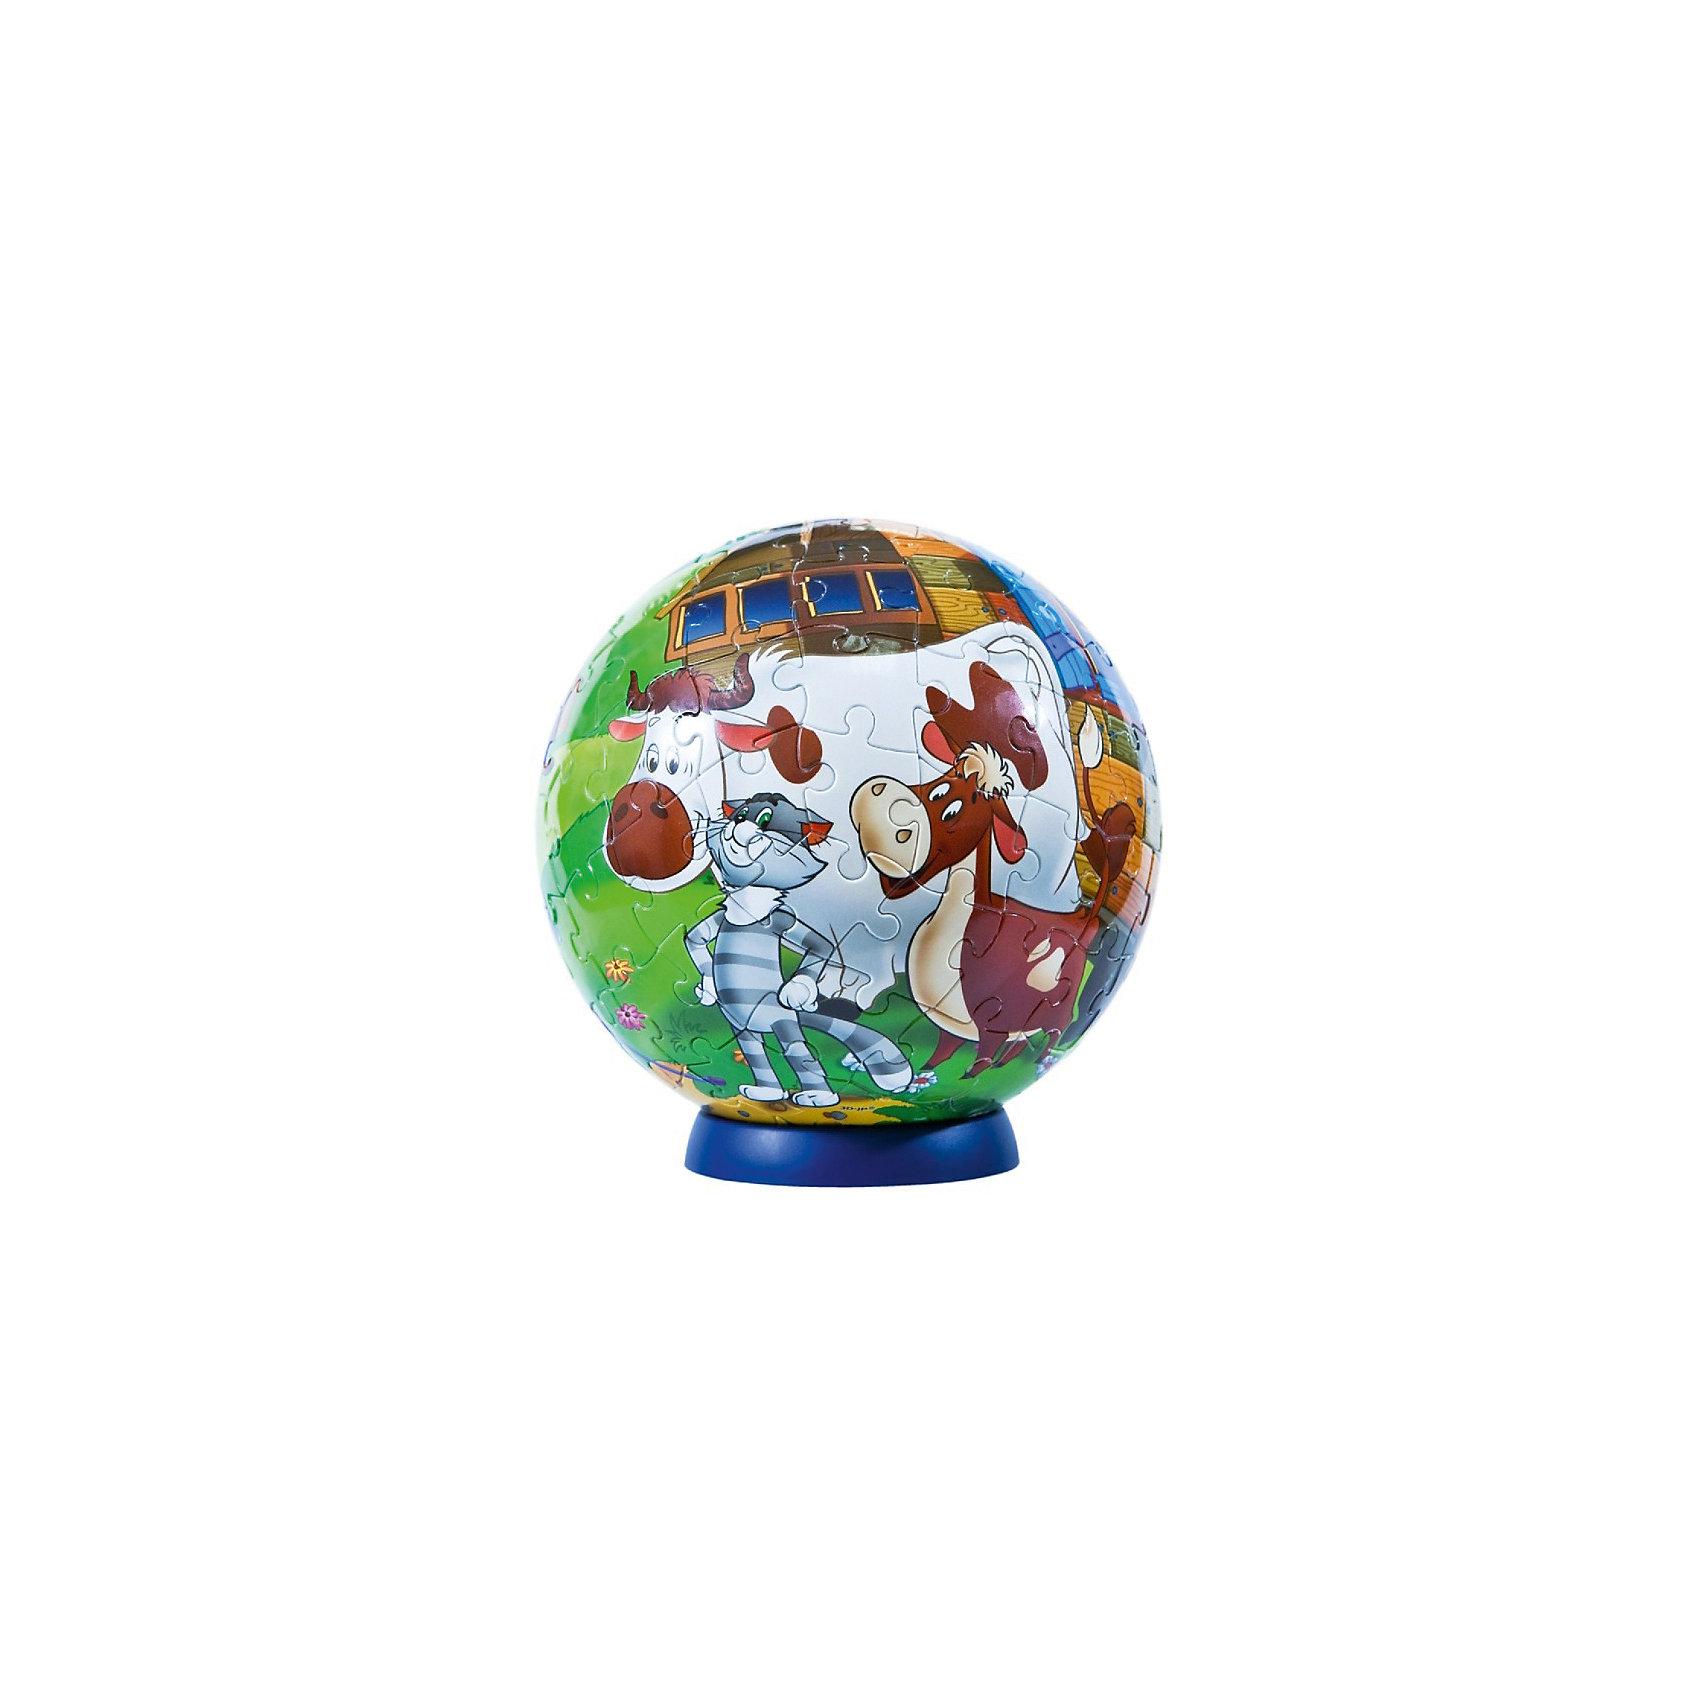 Пазл-шар Простоквашино, 108 деталейПазлы-шары<br>Характеристики товара:<br><br>• возраст: от 6 лет;<br>• материал: пластик;<br>• в комплекте: 108 элементов, подставка;<br>• диаметр шара: 14 см;<br>• размер упаковки: 23х21,5х5 см;<br>• вес упаковки: 330 гр.;<br>• страна производитель: Россия.<br><br>Пазл-шар «Простоквашино» Step Puzzle — оригинальный пазл, элементы которого имеют изогнутую форму и собираются вместе, образуя шар. Собрав его, получается объемная фигура с изображениями персонажей мультфильма.<br><br>В процессе сборки пазла развиваются мелкая моторика рук, усидчивость, внимательность, логическое мышление. Все детали выполнены из качественного прочного пластика и надежно скрепляются между собой.<br><br>Пазл-шар «Простоквашино» Step Puzzle можно приобрести в нашем интернет-магазине.<br><br>Ширина мм: 230<br>Глубина мм: 215<br>Высота мм: 50<br>Вес г: 330<br>Возраст от месяцев: 72<br>Возраст до месяцев: 2147483647<br>Пол: Унисекс<br>Возраст: Детский<br>Количество деталей: 108<br>SKU: 5346229